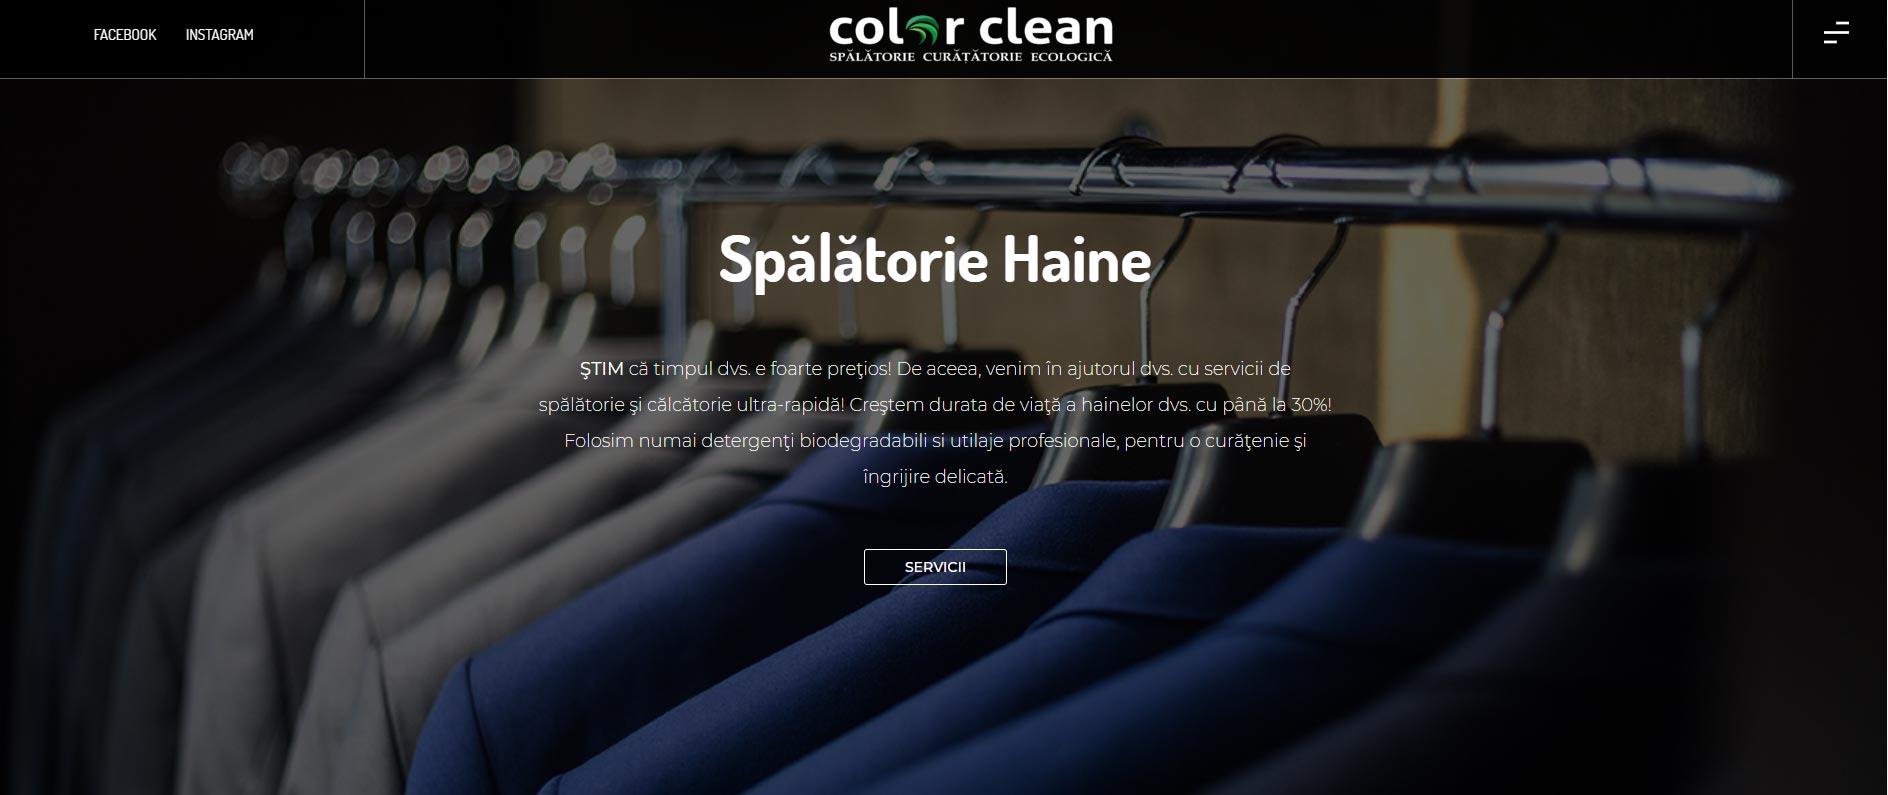 colorclean